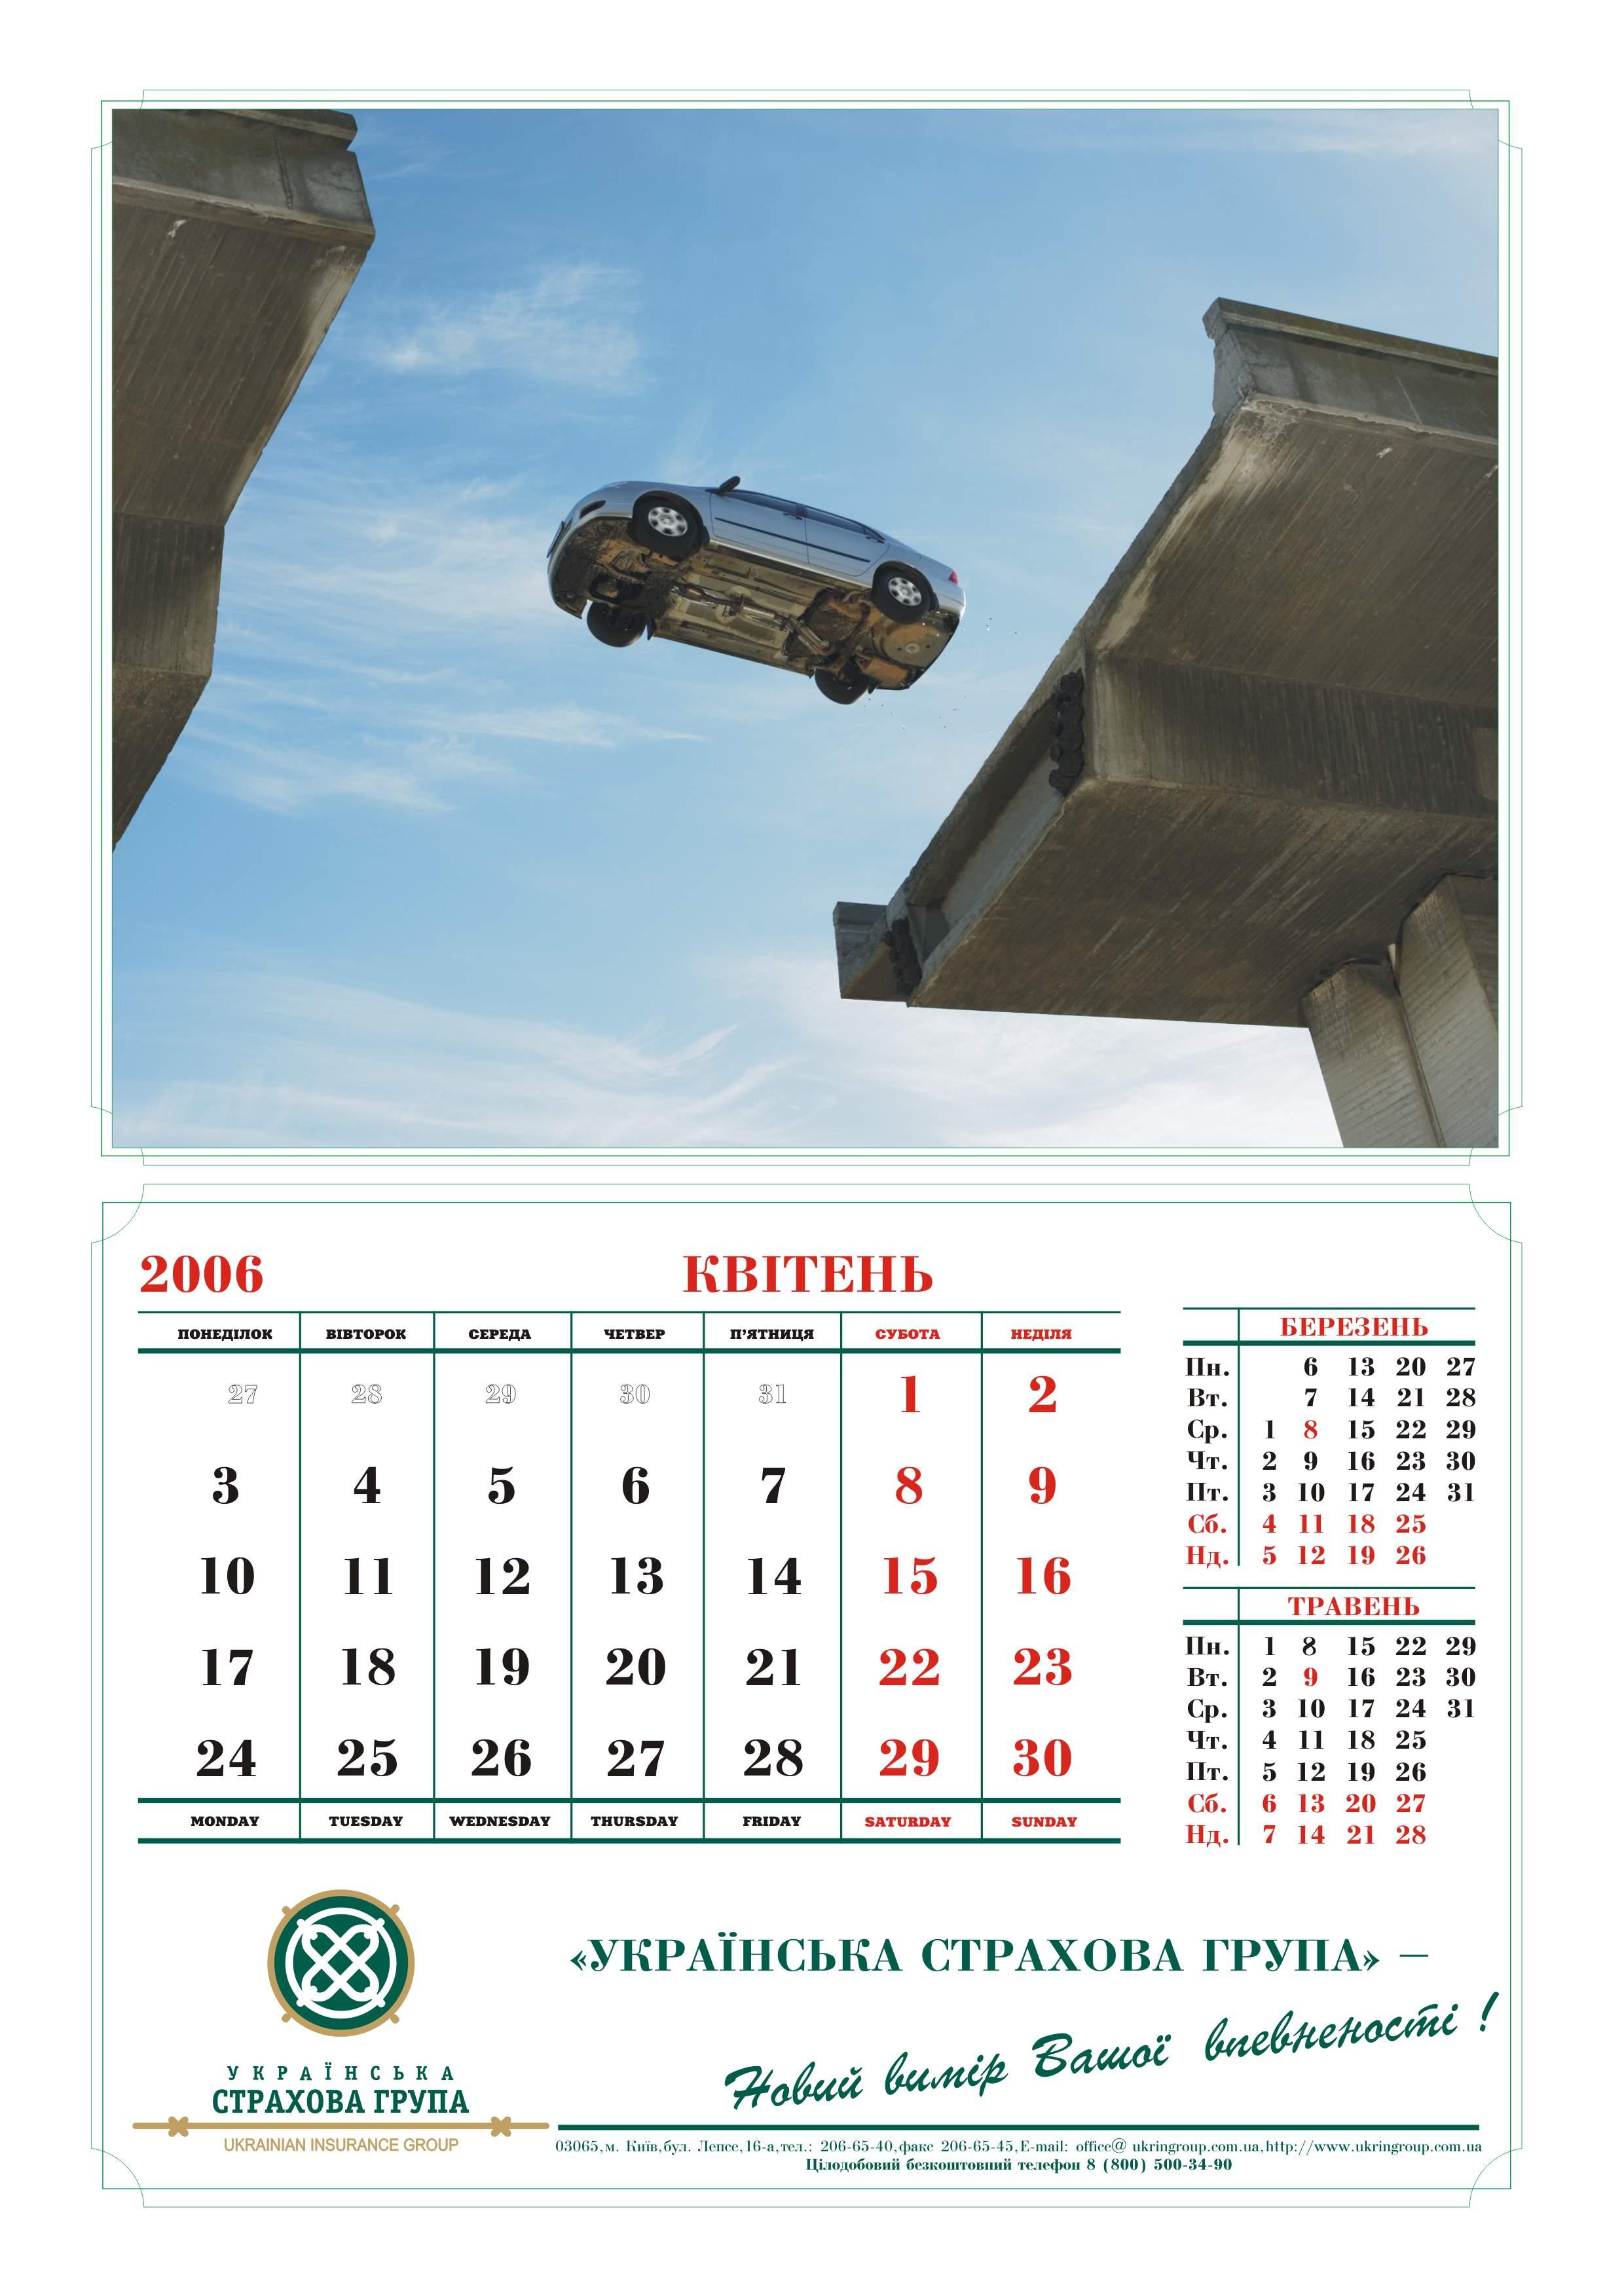 Дизайн настенного перекидного календаря для страховой компании. Апрель